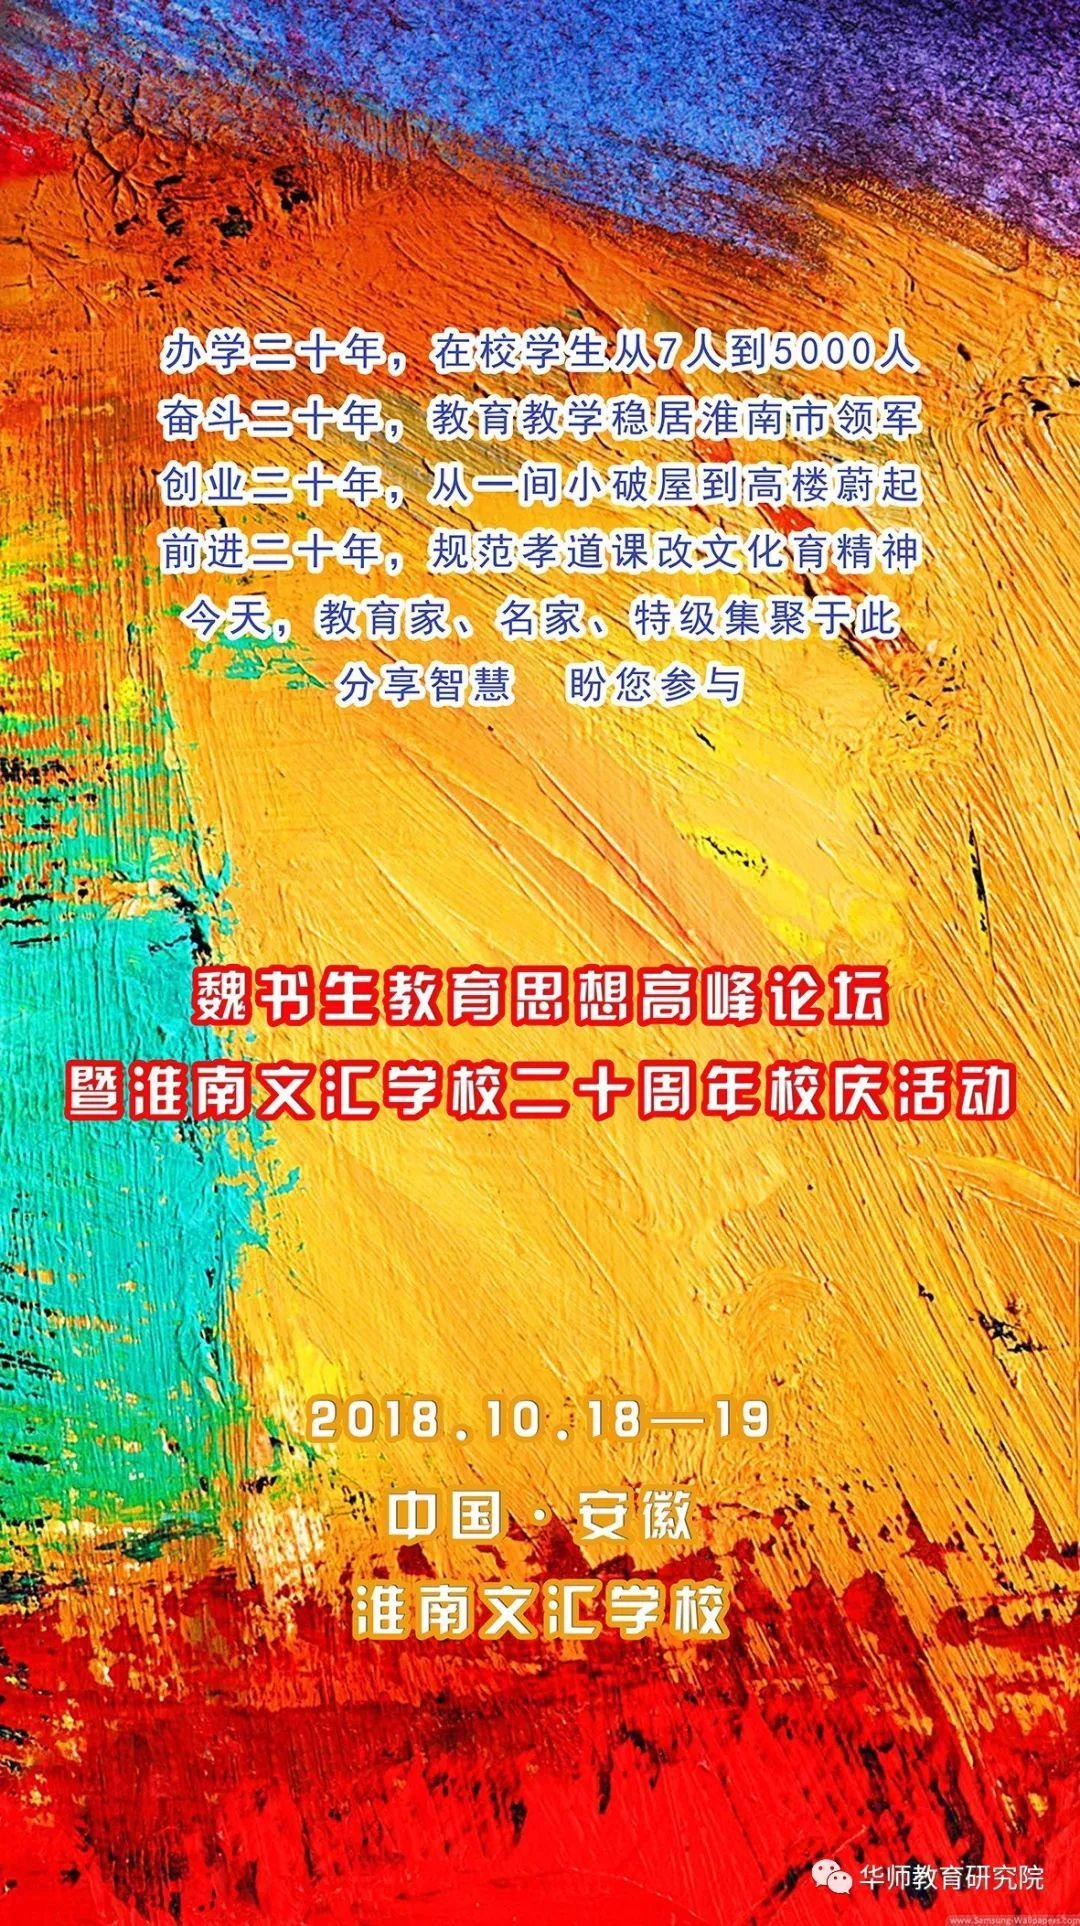 魏书生教育思想高峰论坛暨淮南文汇学校二十周年校庆活动